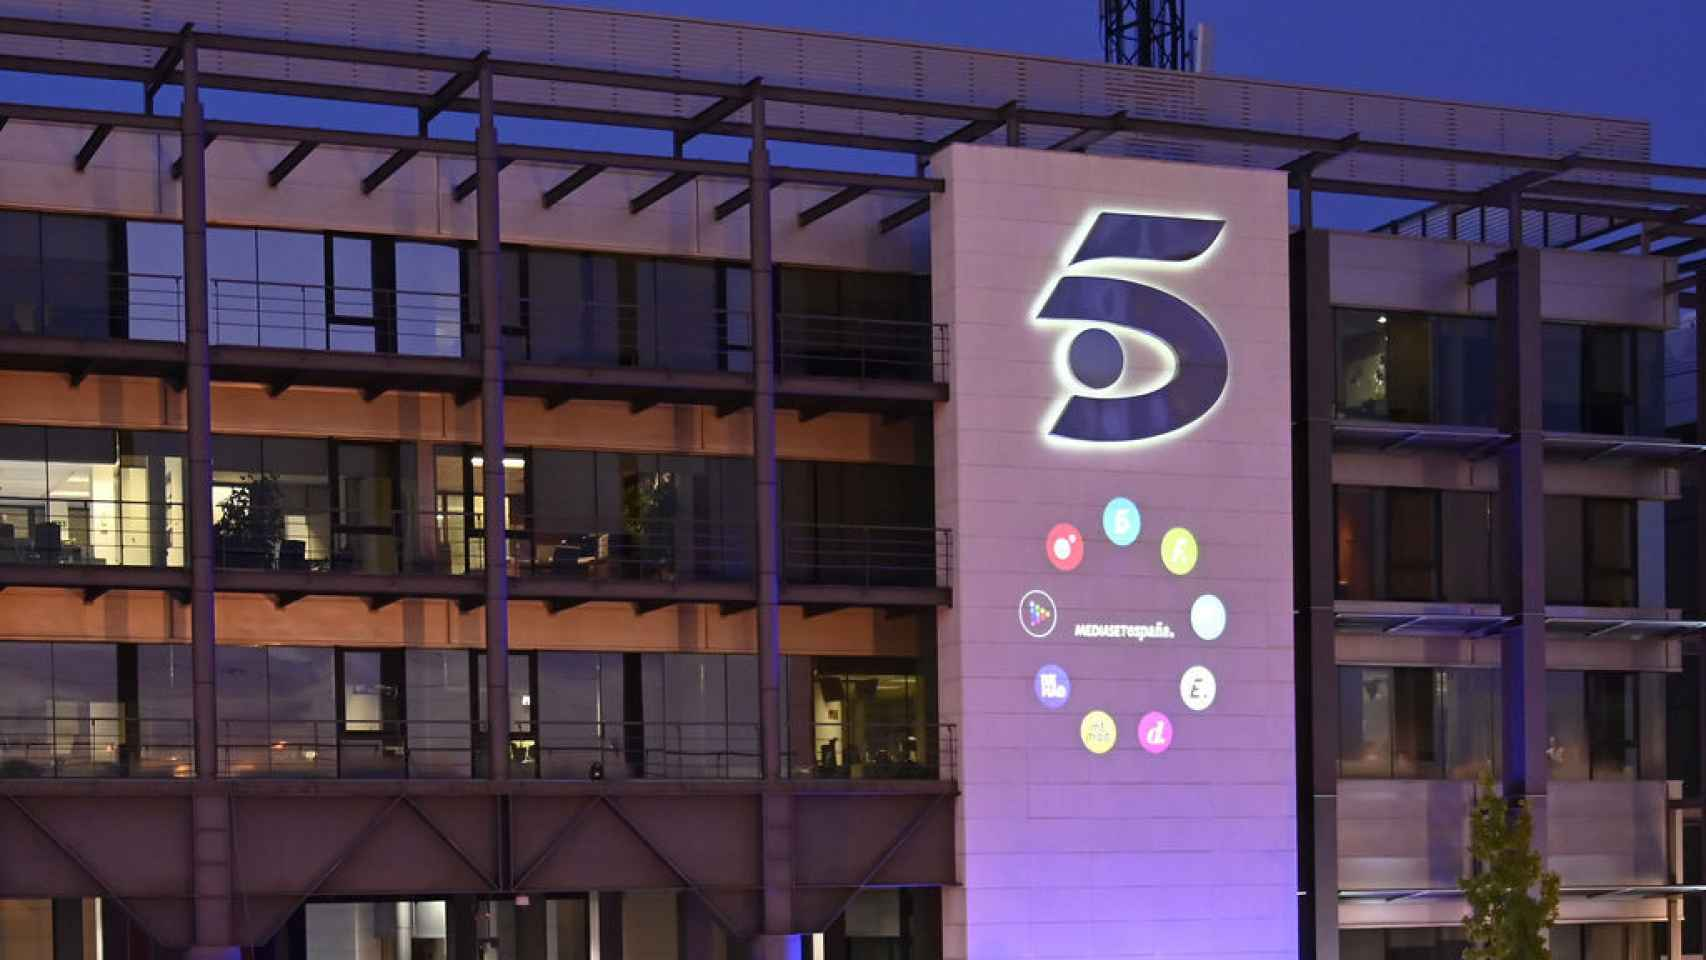 El logo de Telecinco con las marcas de Mediaset en una imagen de archivo.